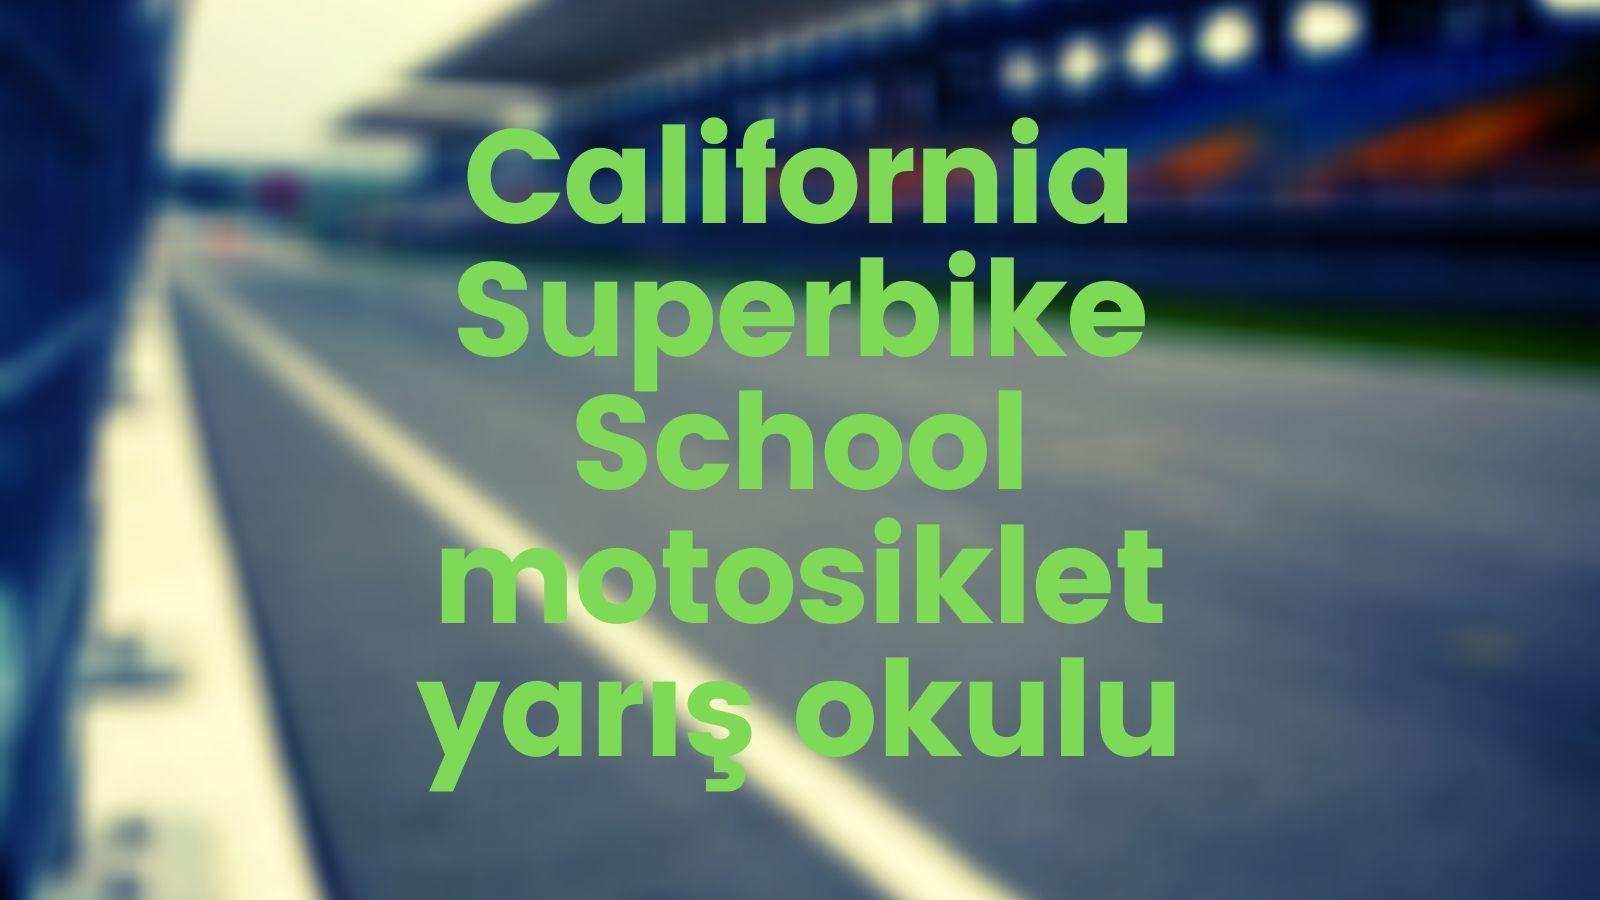 California Superbike School motosiklet yarış okulu kapak görseli